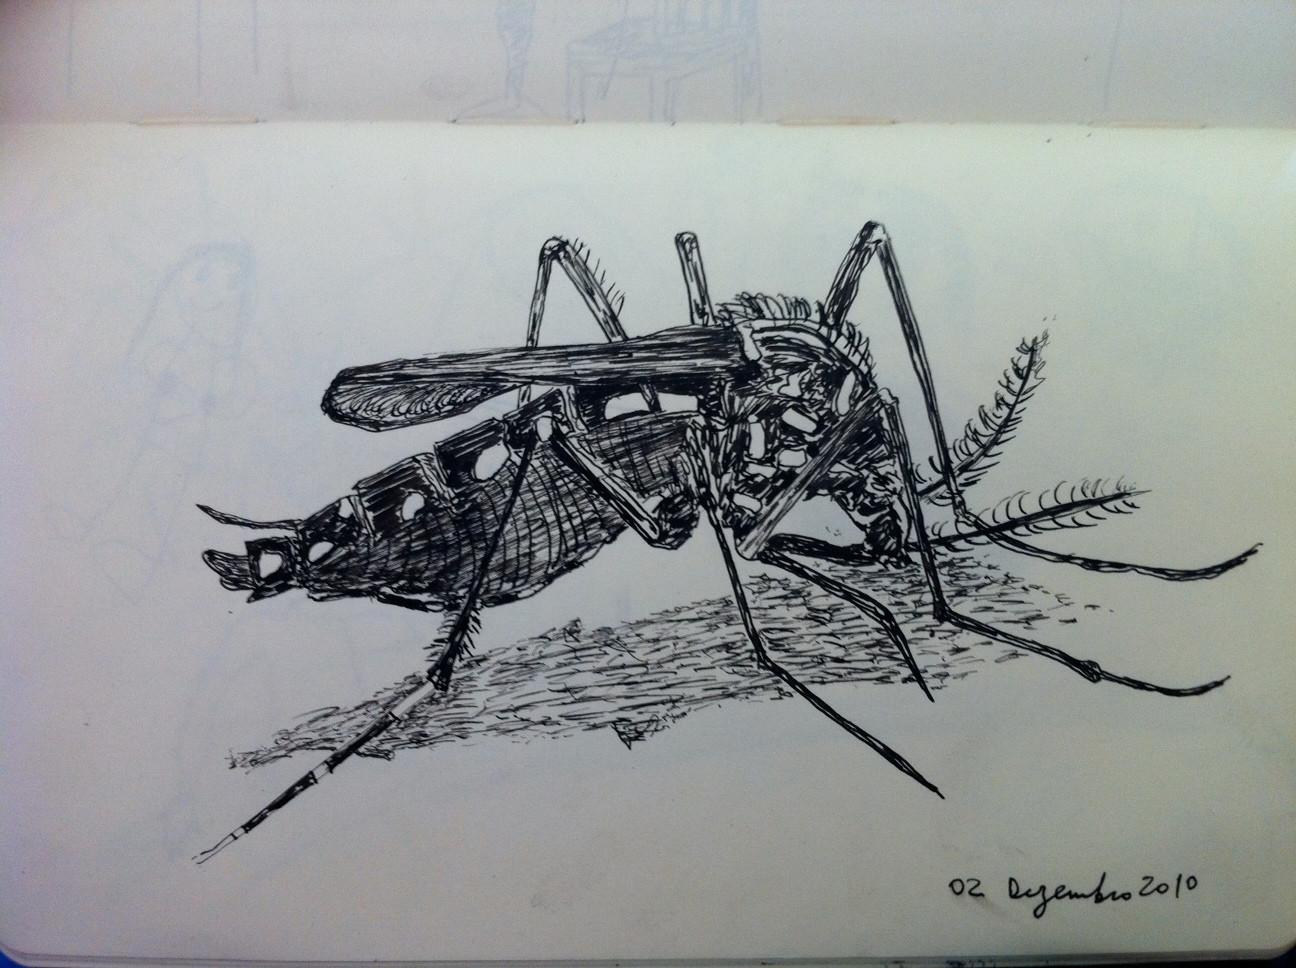 Aedes egypti